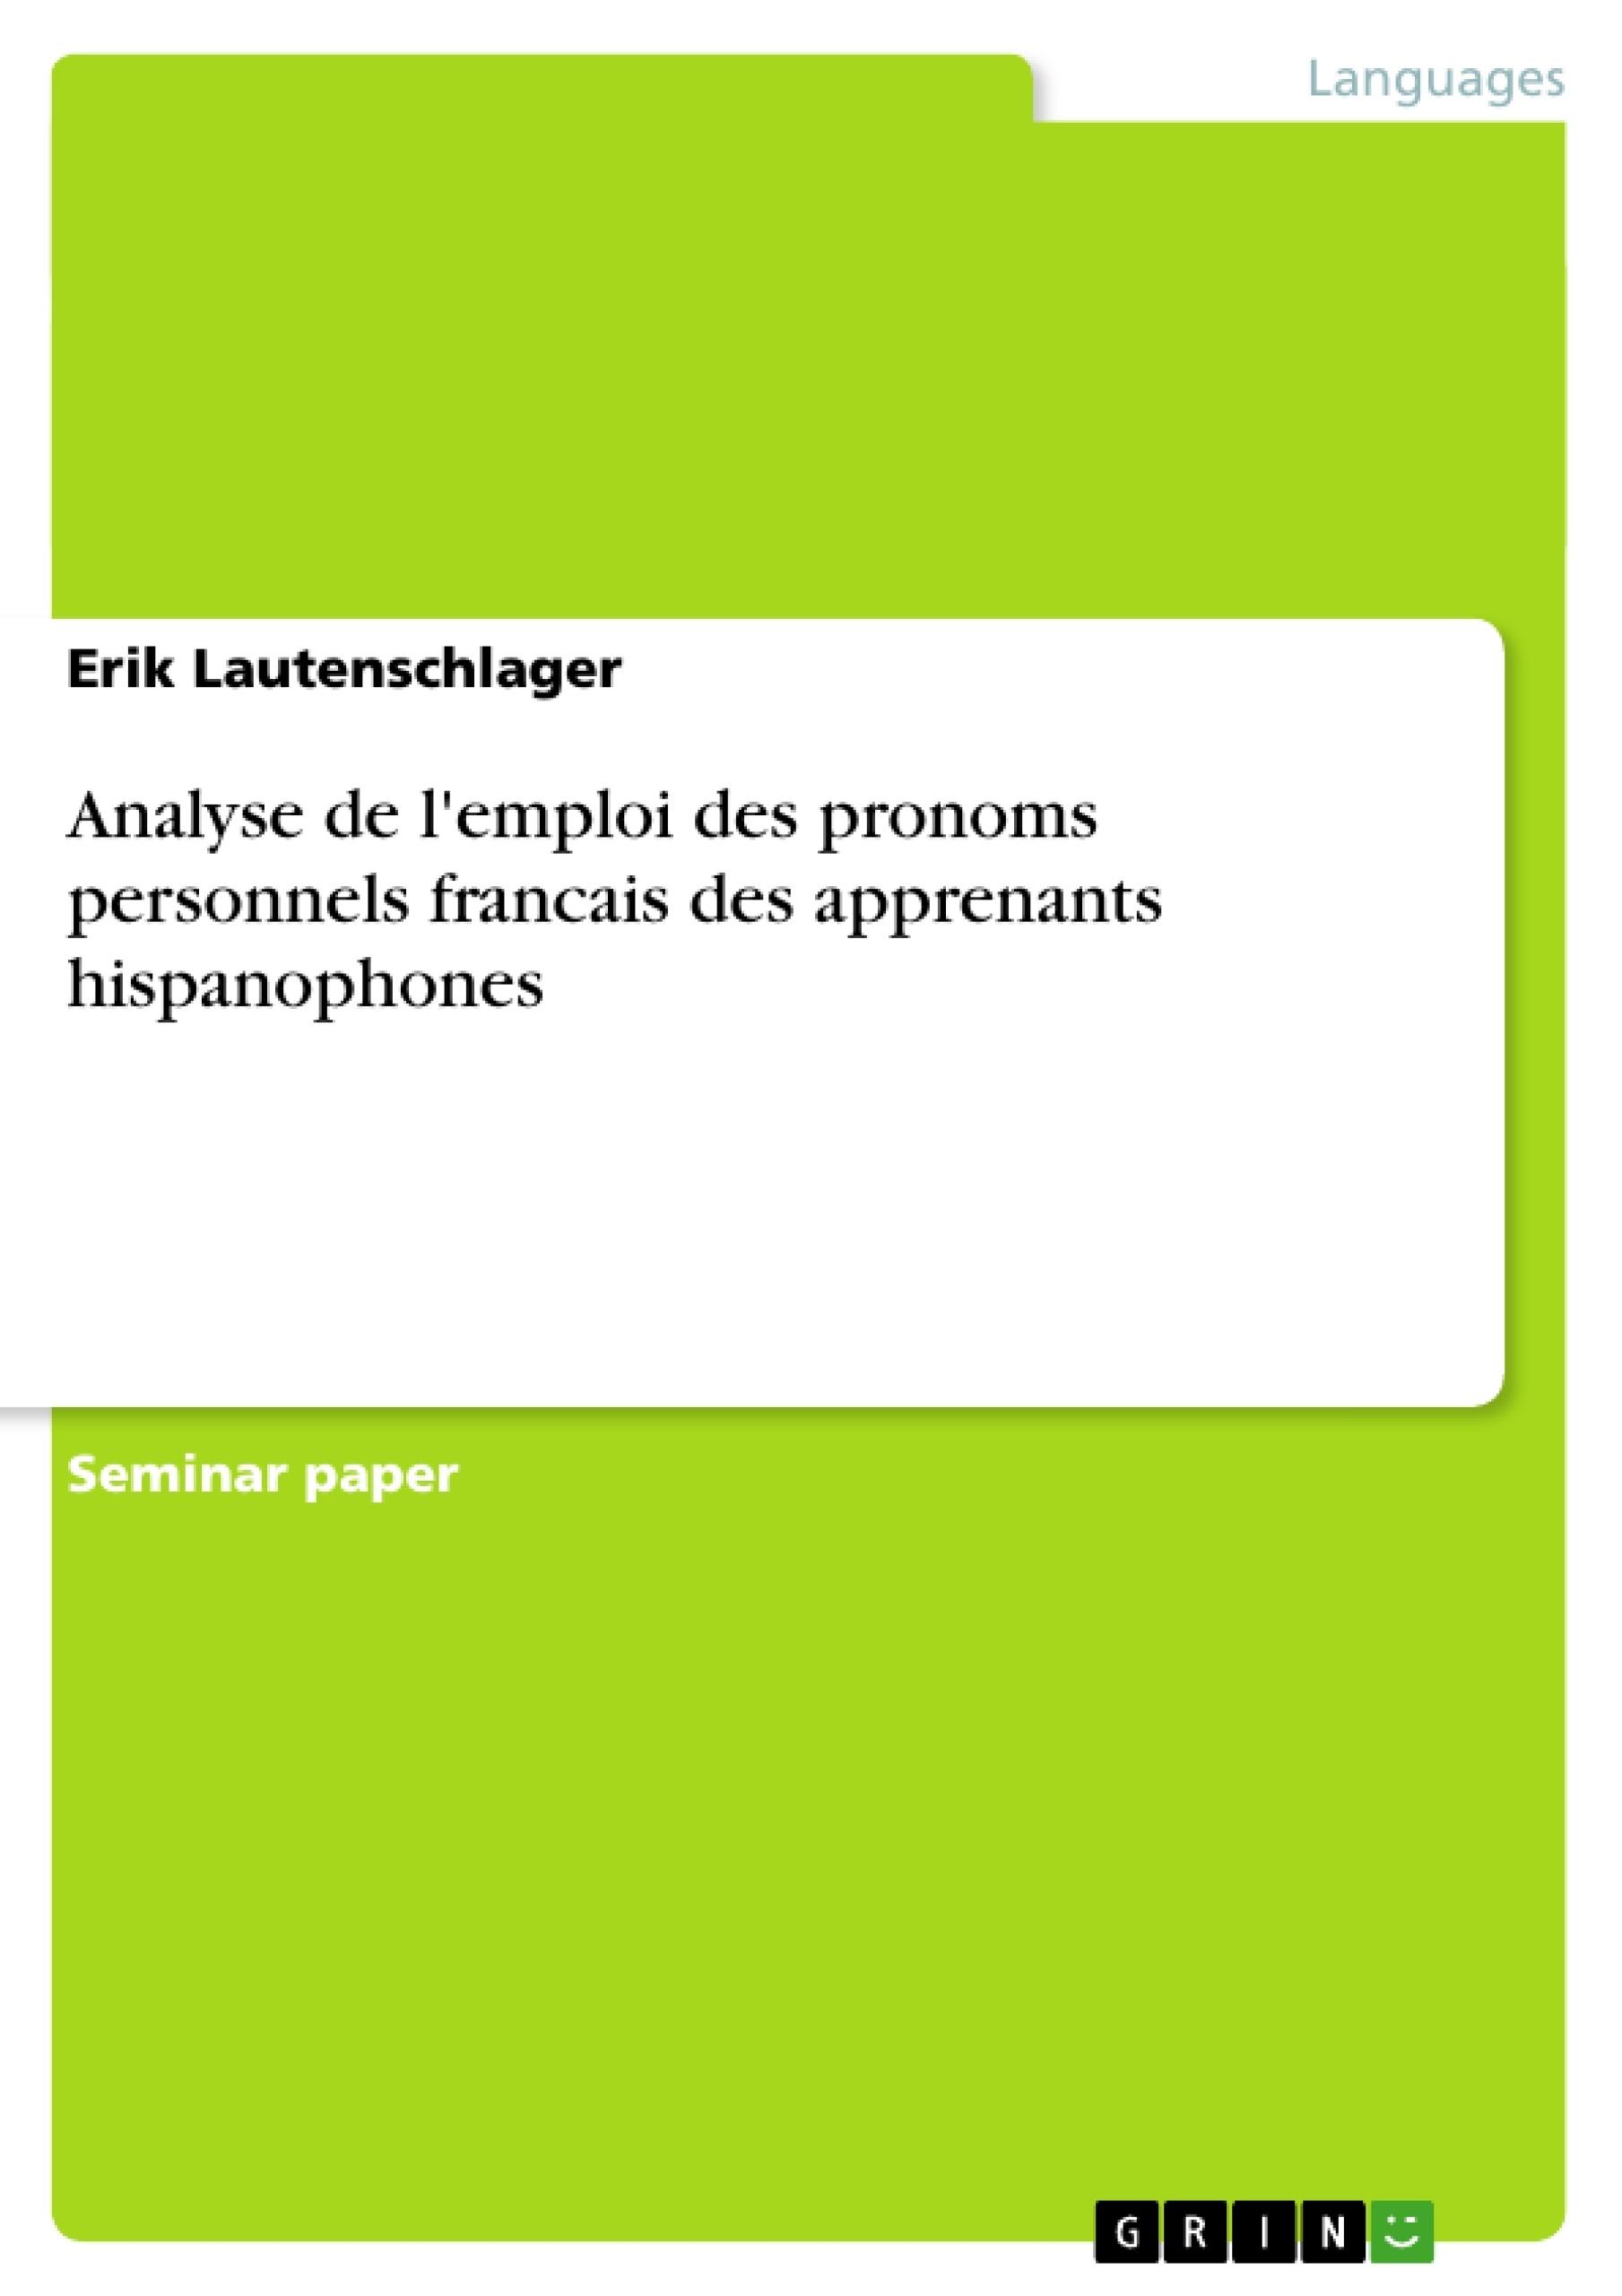 Titre: Analyse de l'emploi des pronoms personnels francais des apprenants hispanophones